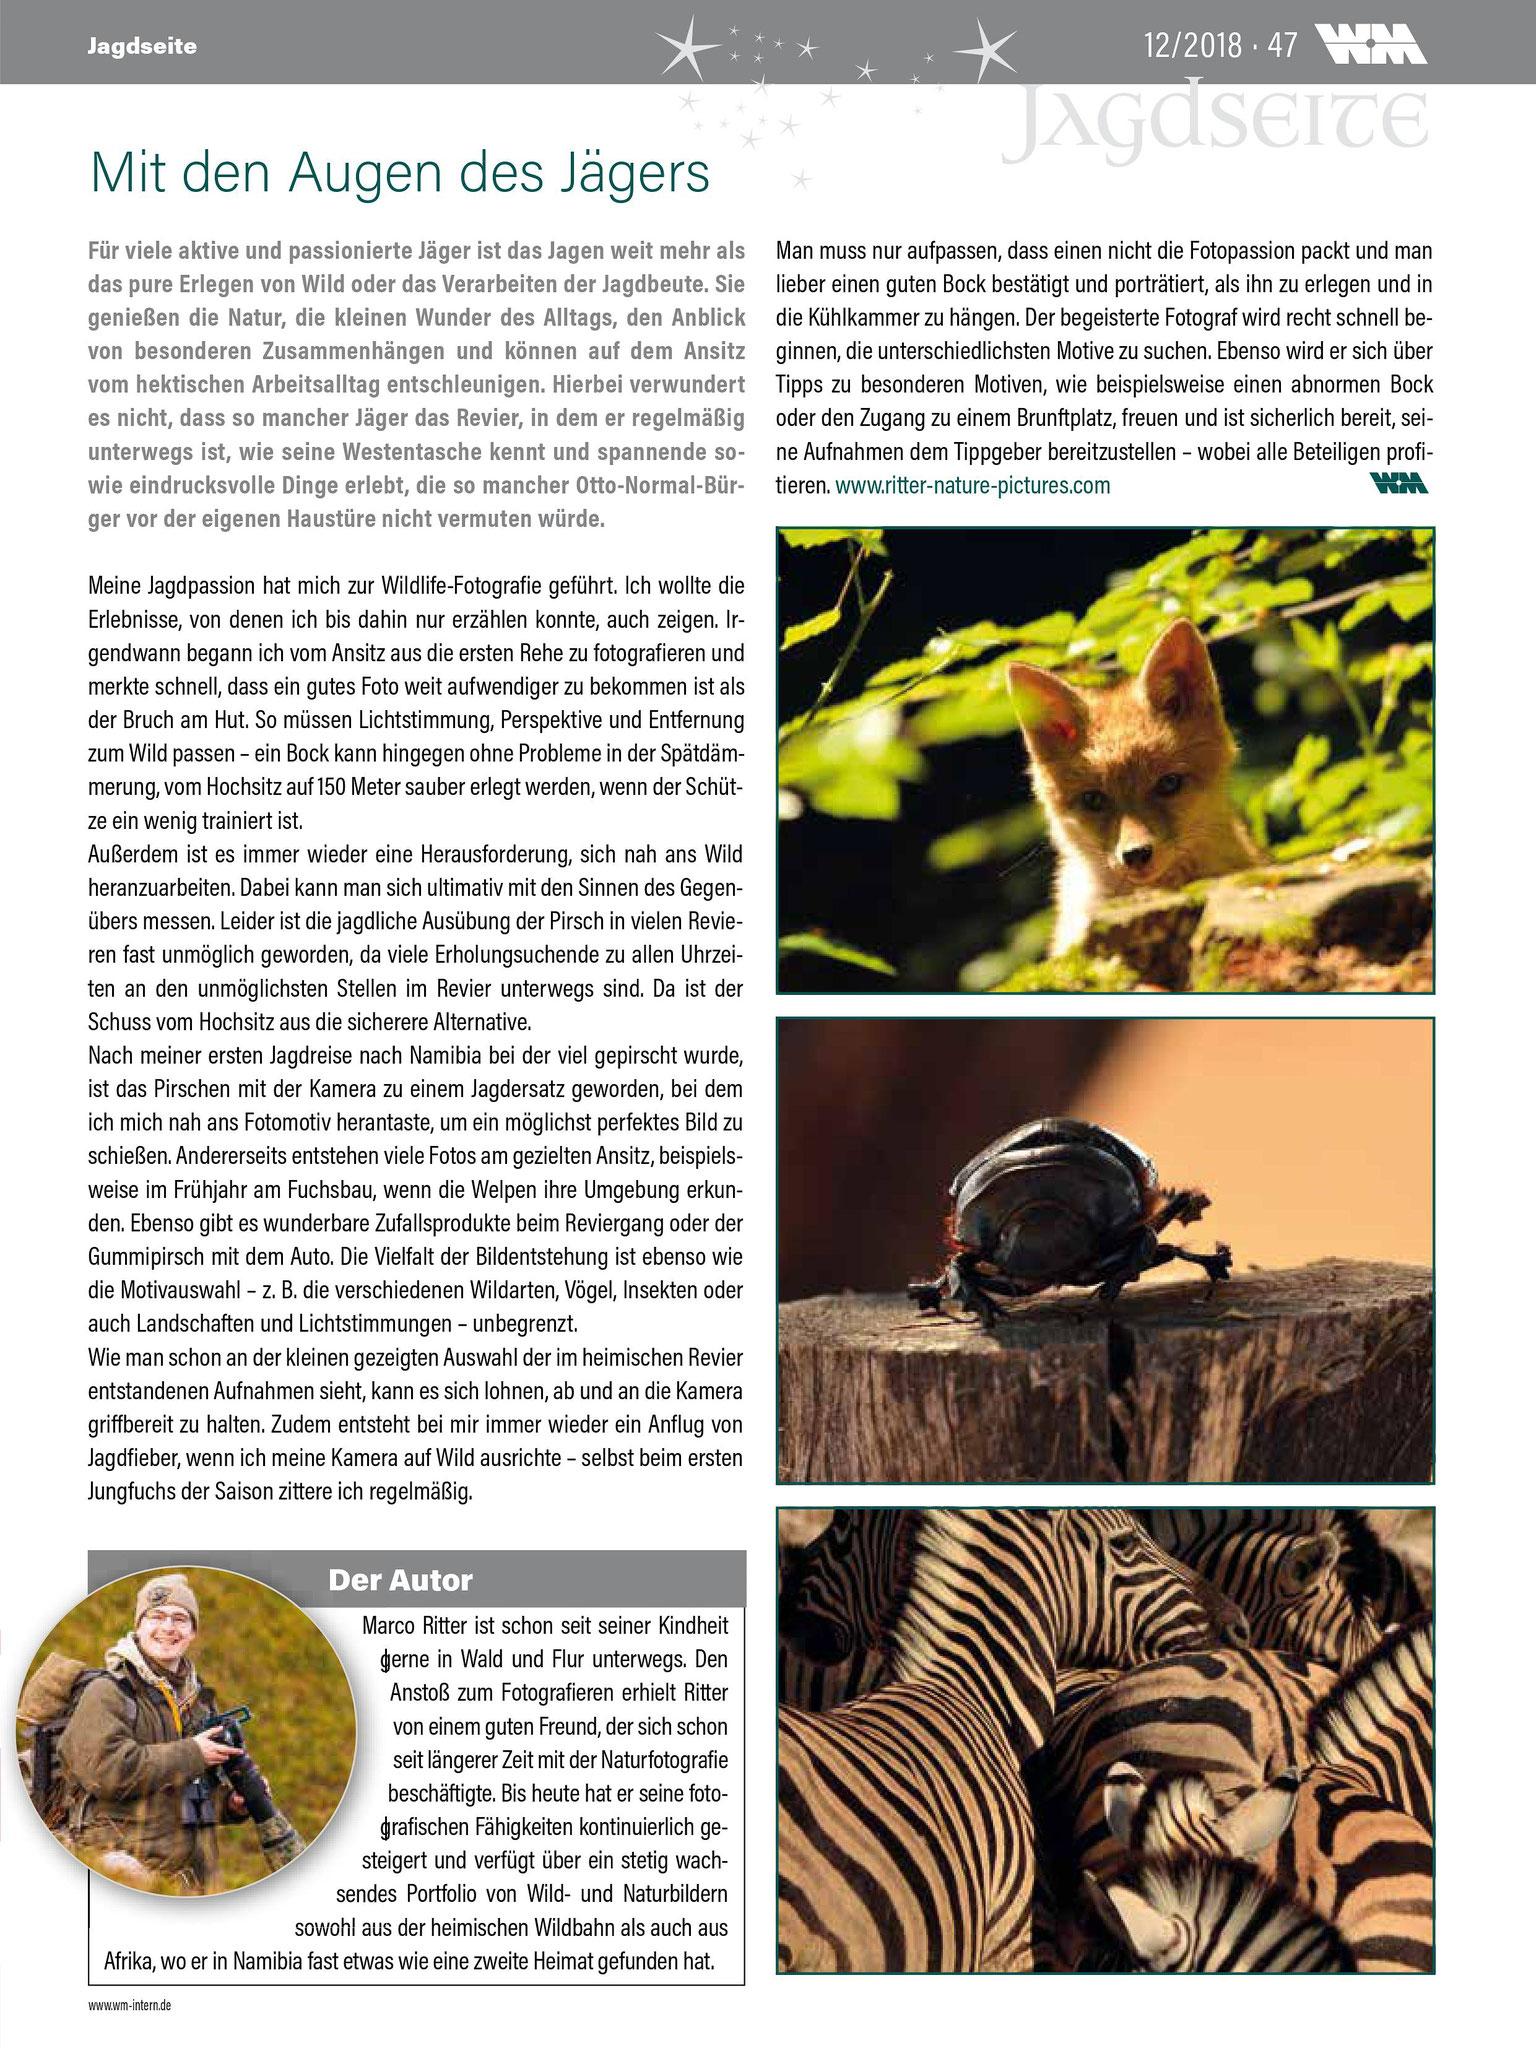 """Bebilderung des Artikels """"Mit den Augen des Jägers"""" in WM-Intern 12/2018"""